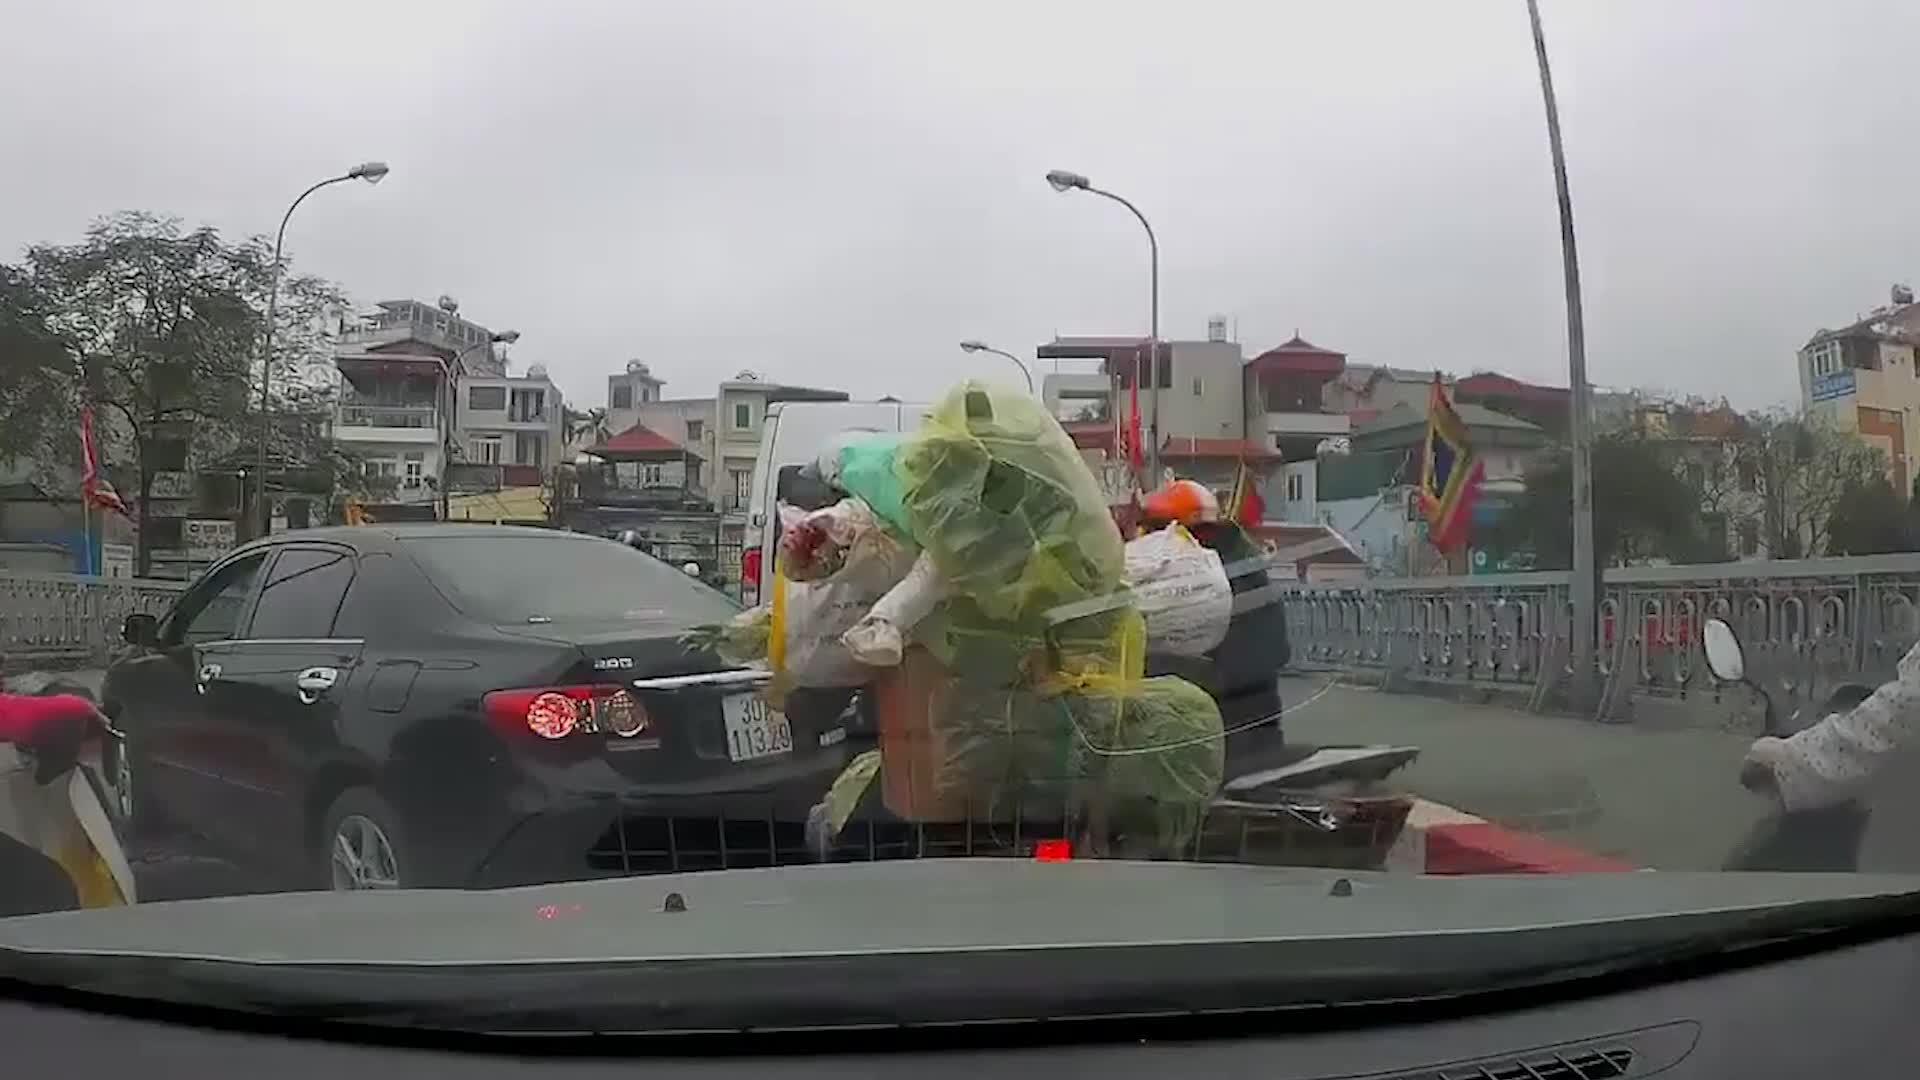 Người phụ nữ quay đầu xe giữa cầu rồi bỗng nhiên xuống xe mắng chửi người chạy xe máy phía sau